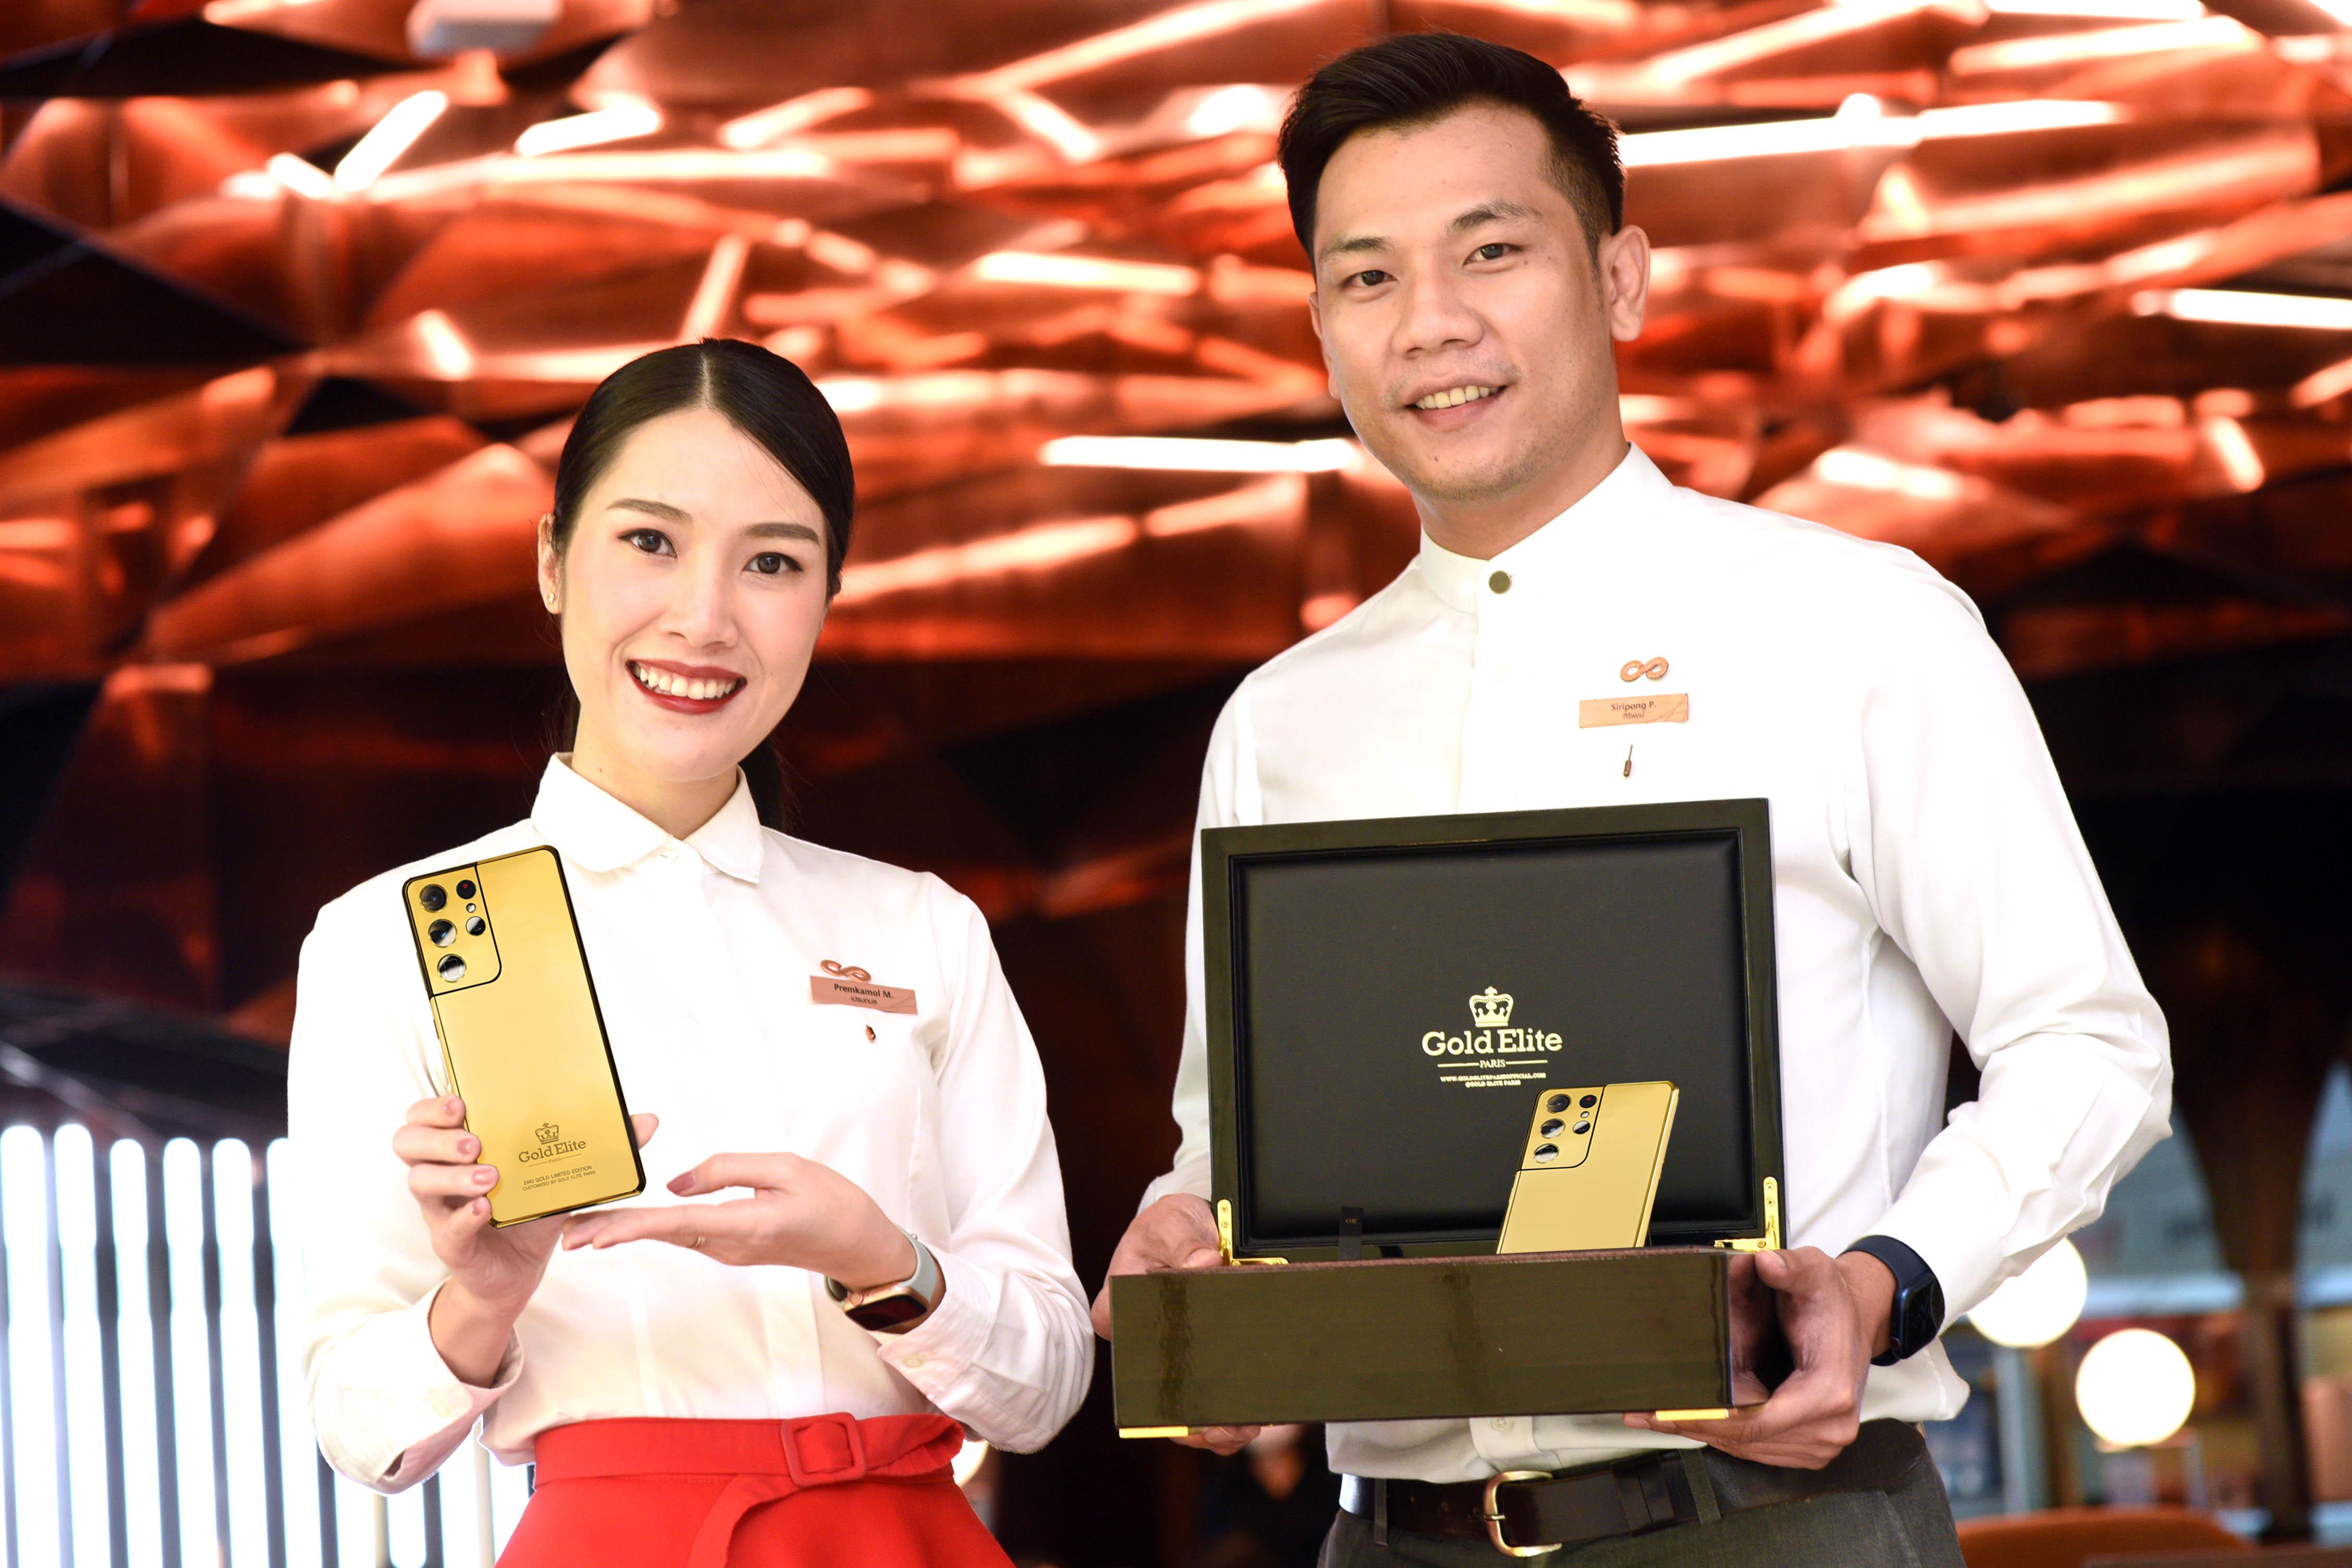 รุ่นพิเศษ Gold Elite Galaxy S21 Ultra 5G 24KT Gold จากทองคำแท้ 99.9% จาก Samsung ฉลองตรุษจีน